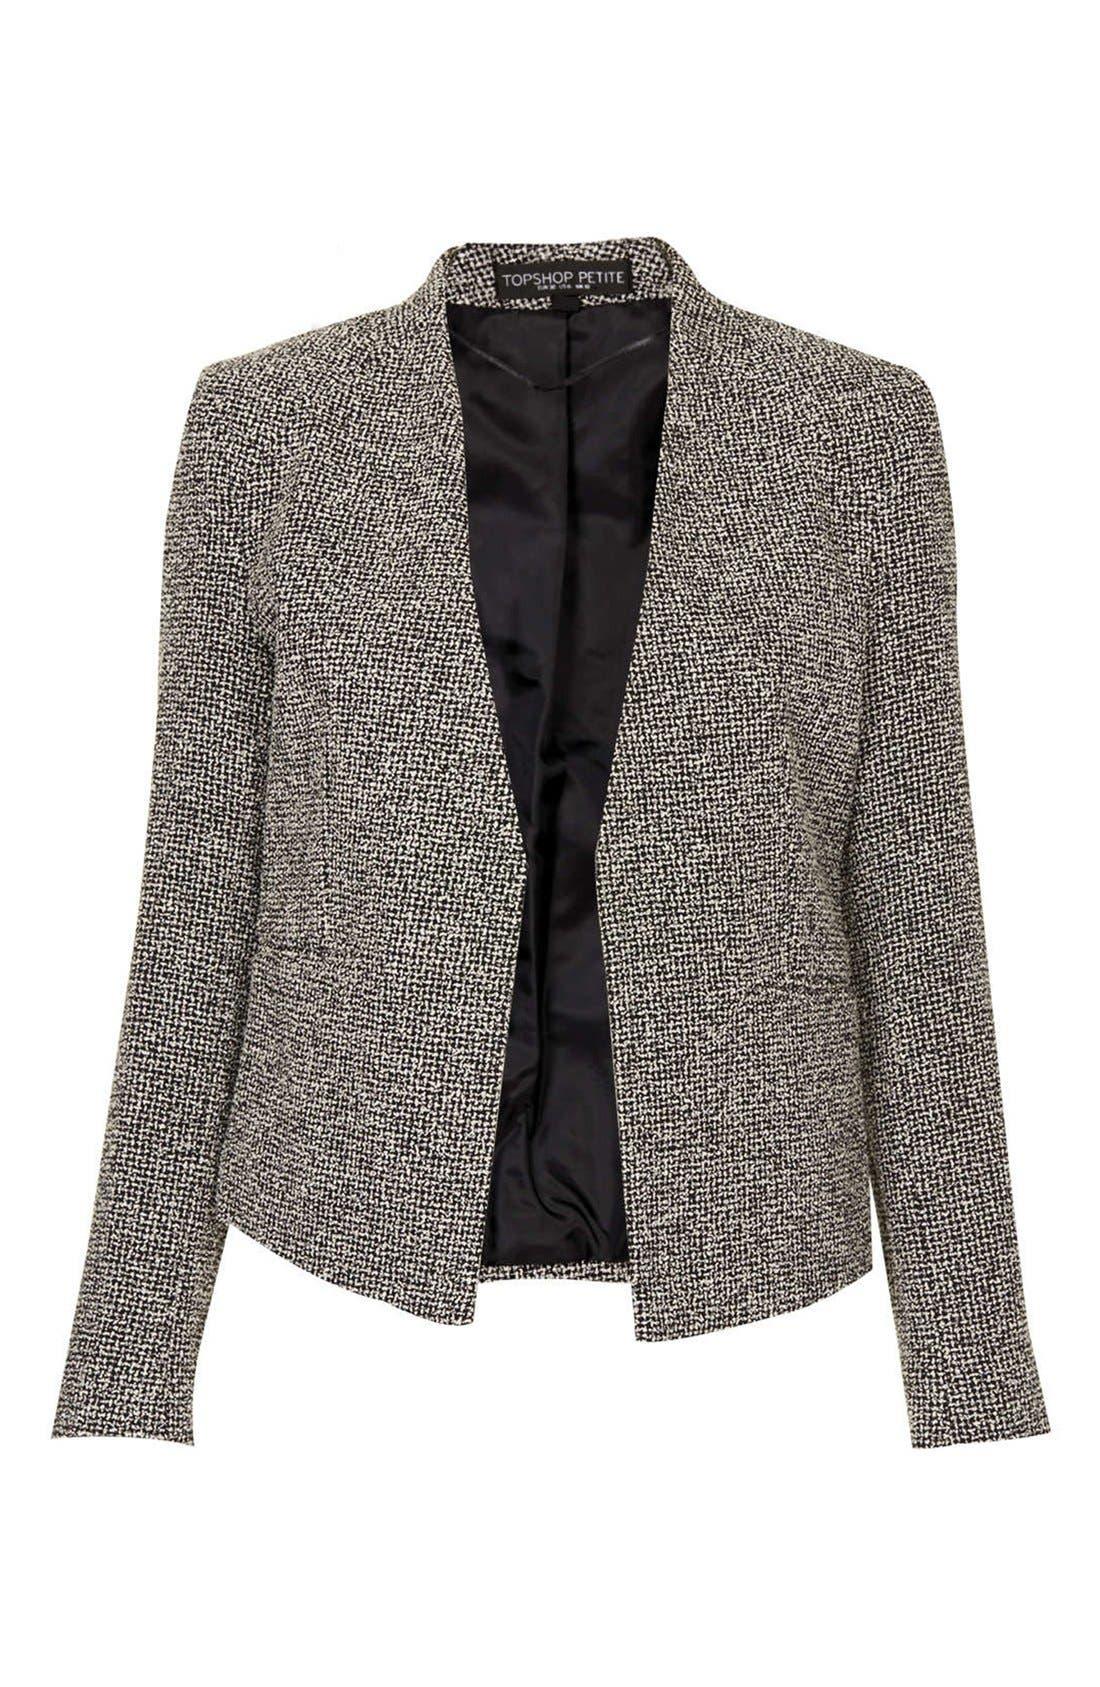 Alternate Image 3  - Topshop 'Bonnie' Collarless Textured Blazer (Petite)